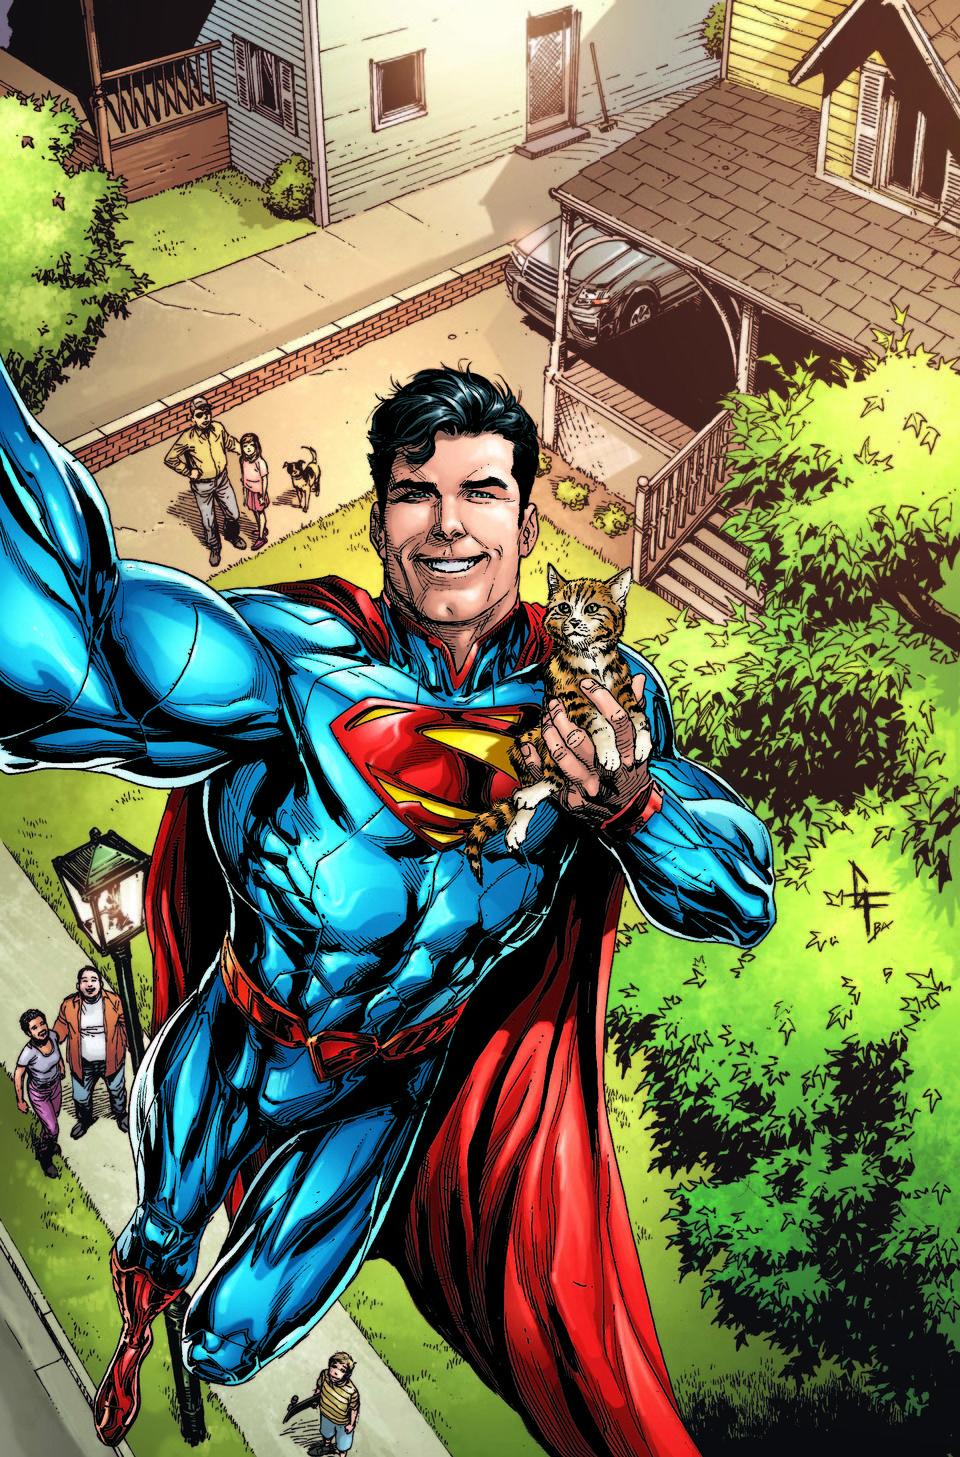 Llkhlln larkin love best powergirl ever superheroes-986